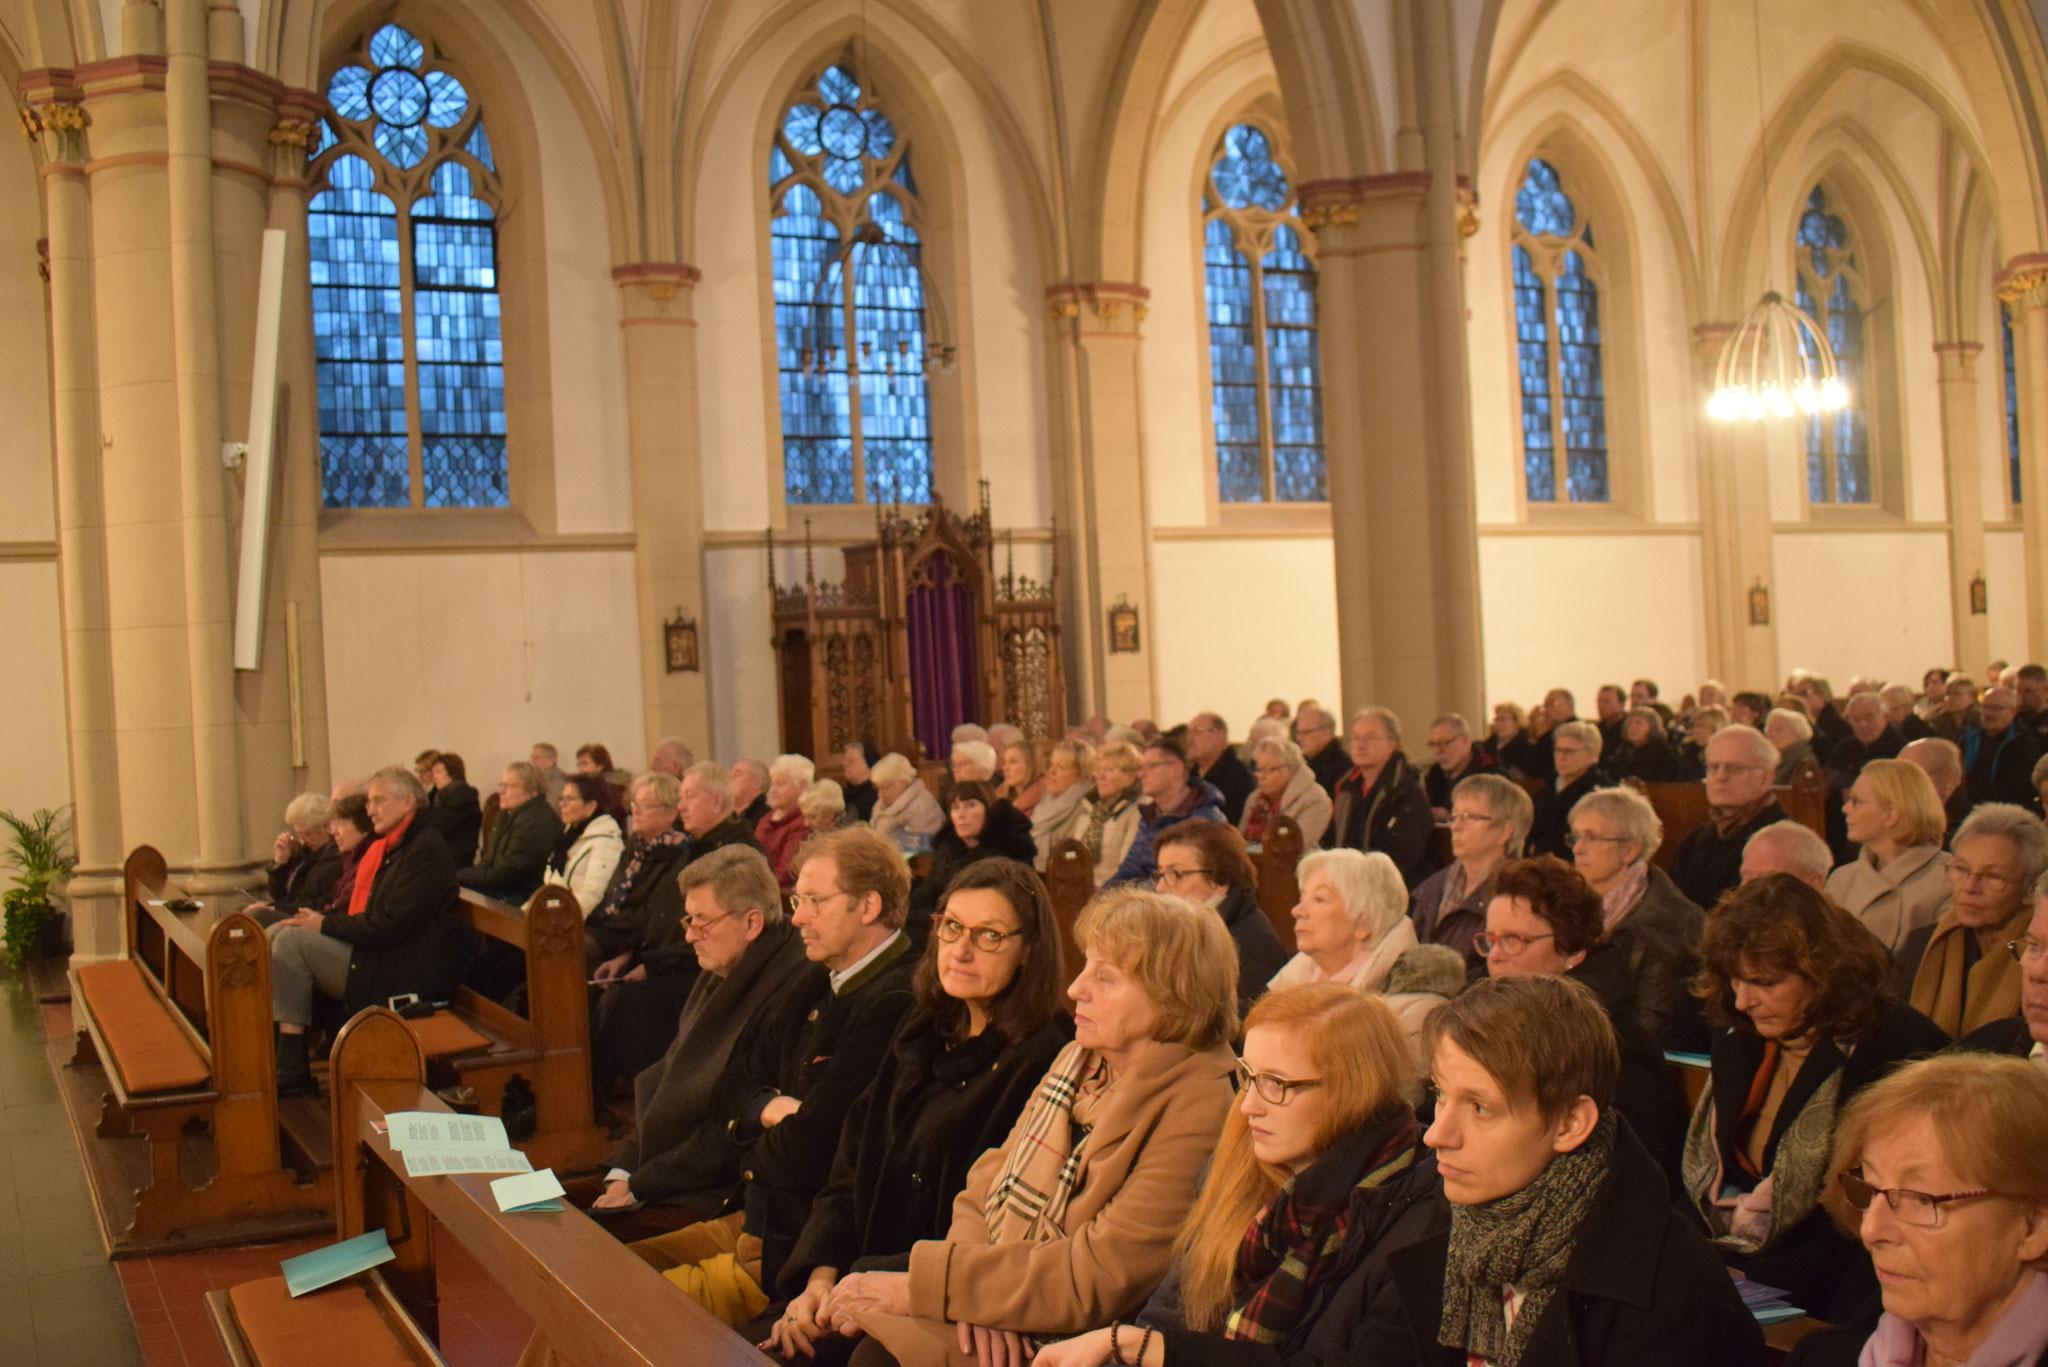 Die Konzertbesucher - Foto Damir Elezi - Hertener Allgemeine